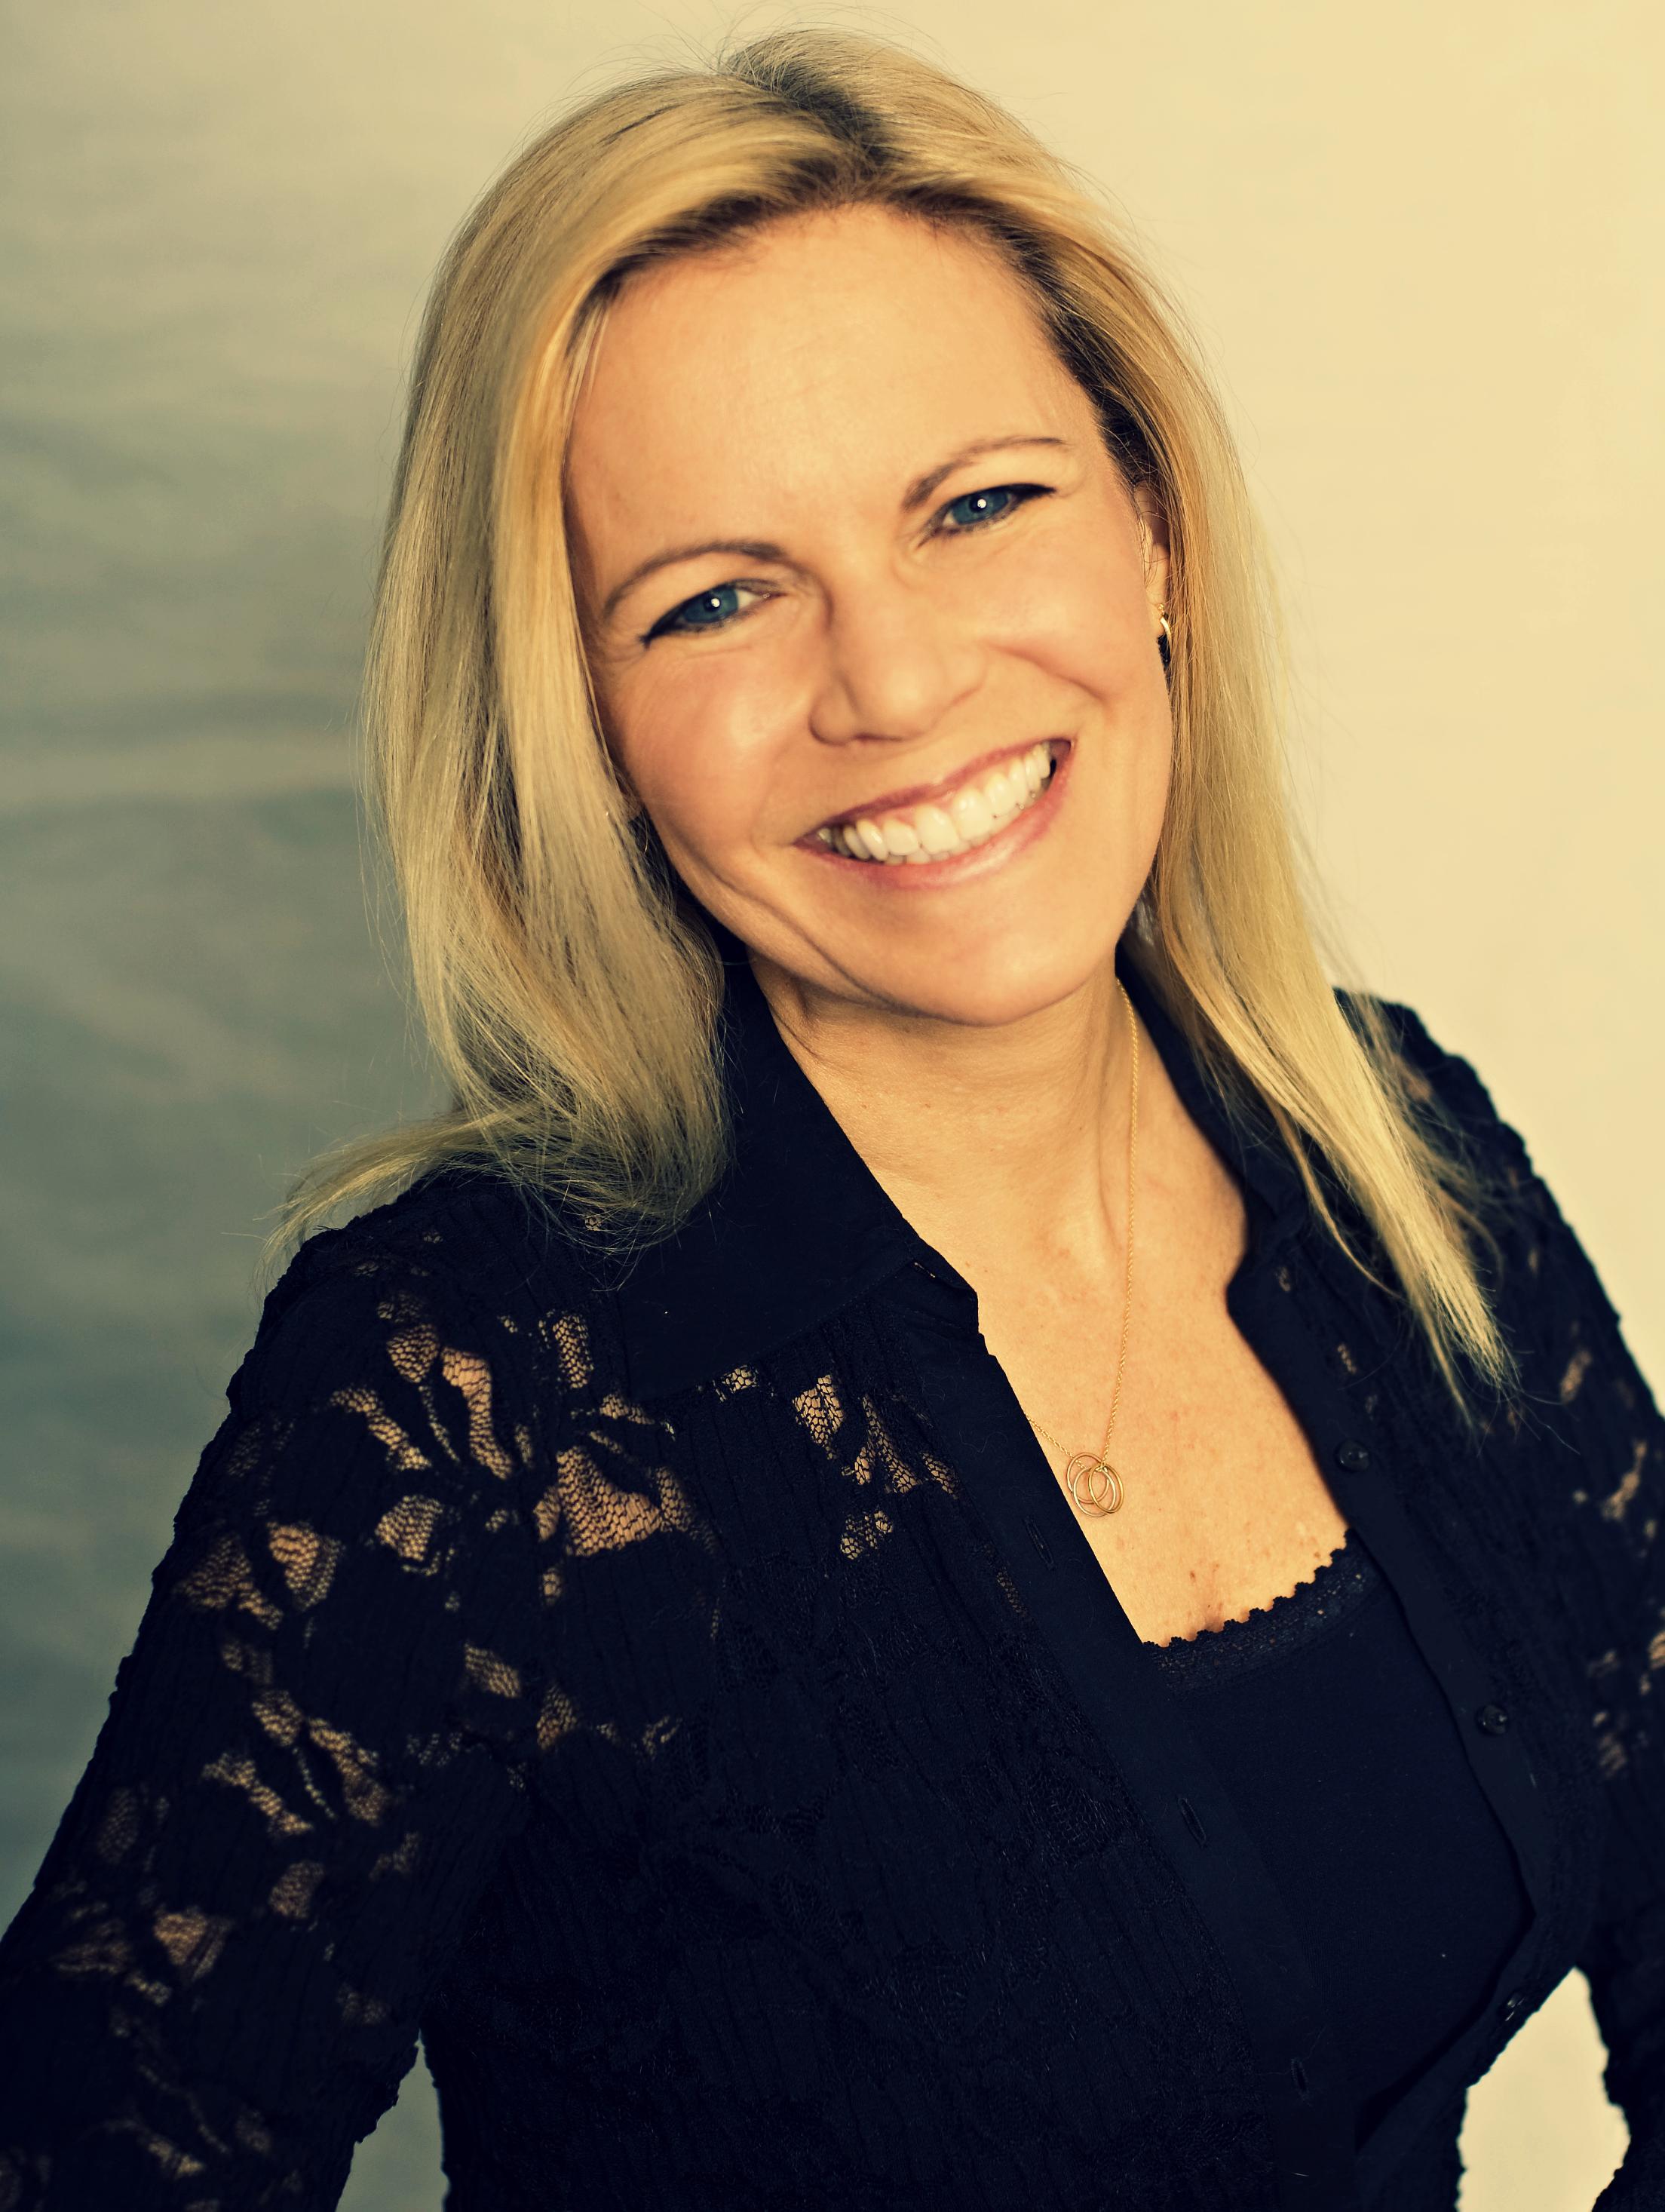 Katrina Mayer